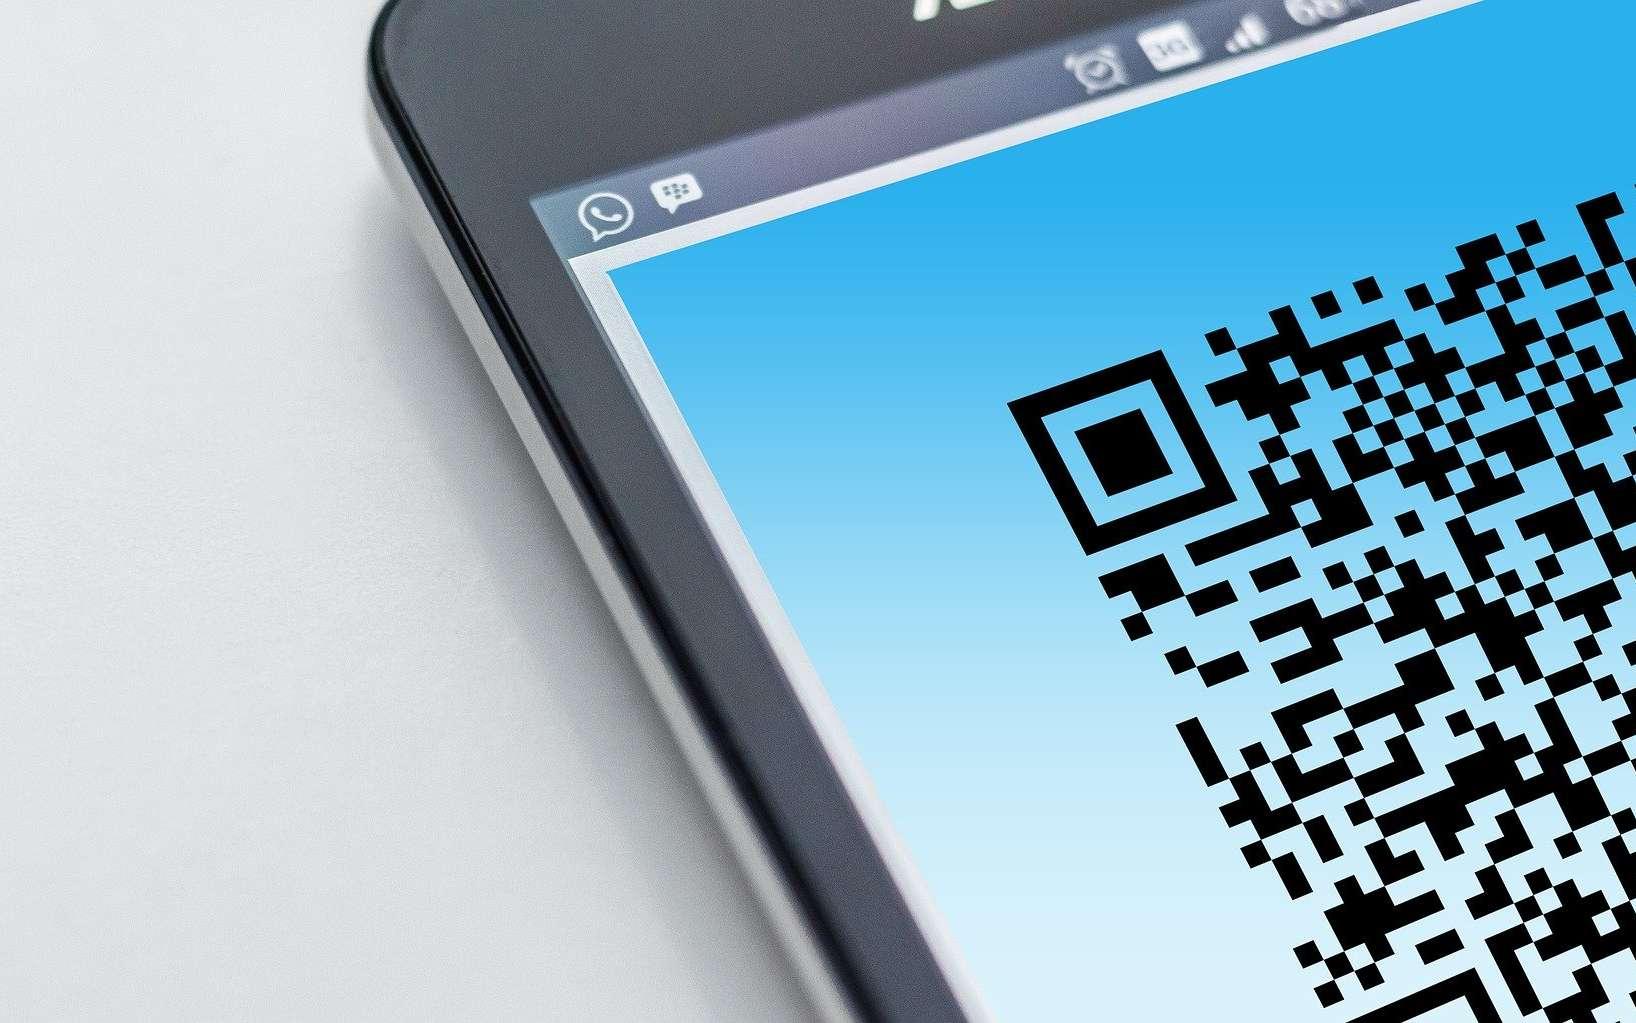 Un smartphone va permettre de créer un QR Code et d'afficher son attestation de dérogation de sortie en période de confinement. © Gerd Altmann, Pixabay